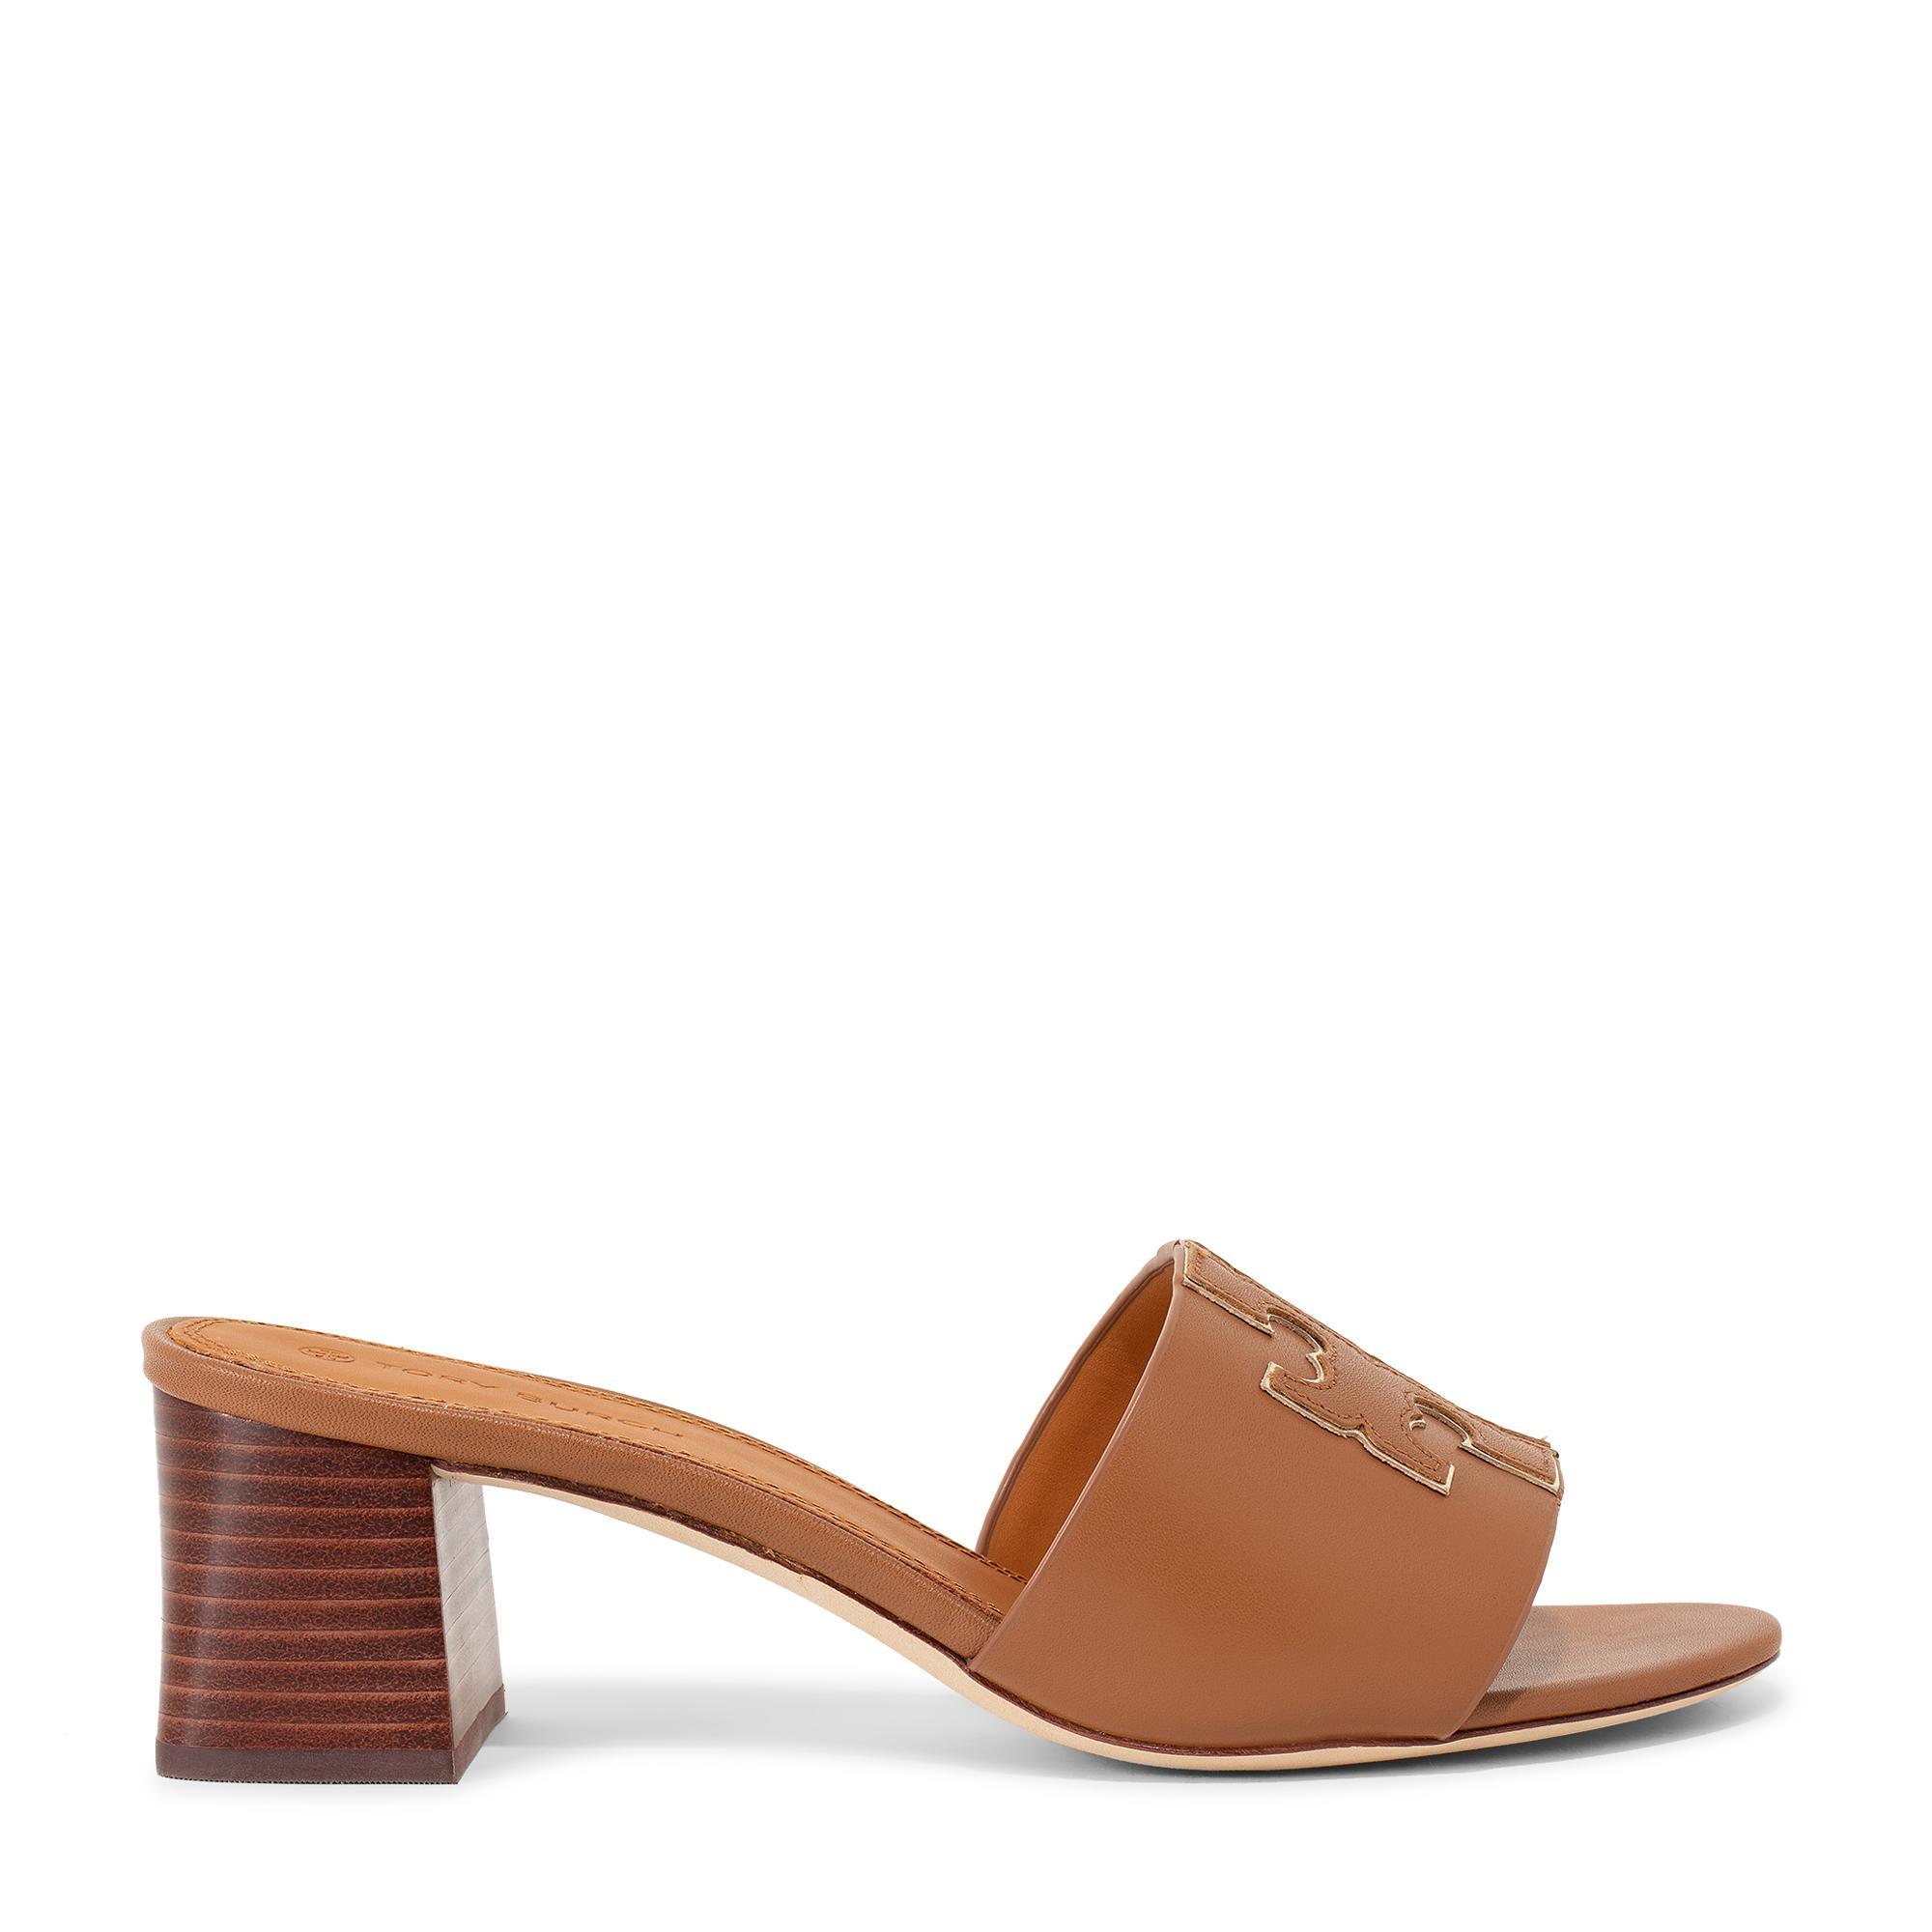 Ines mid-heel slide sandals